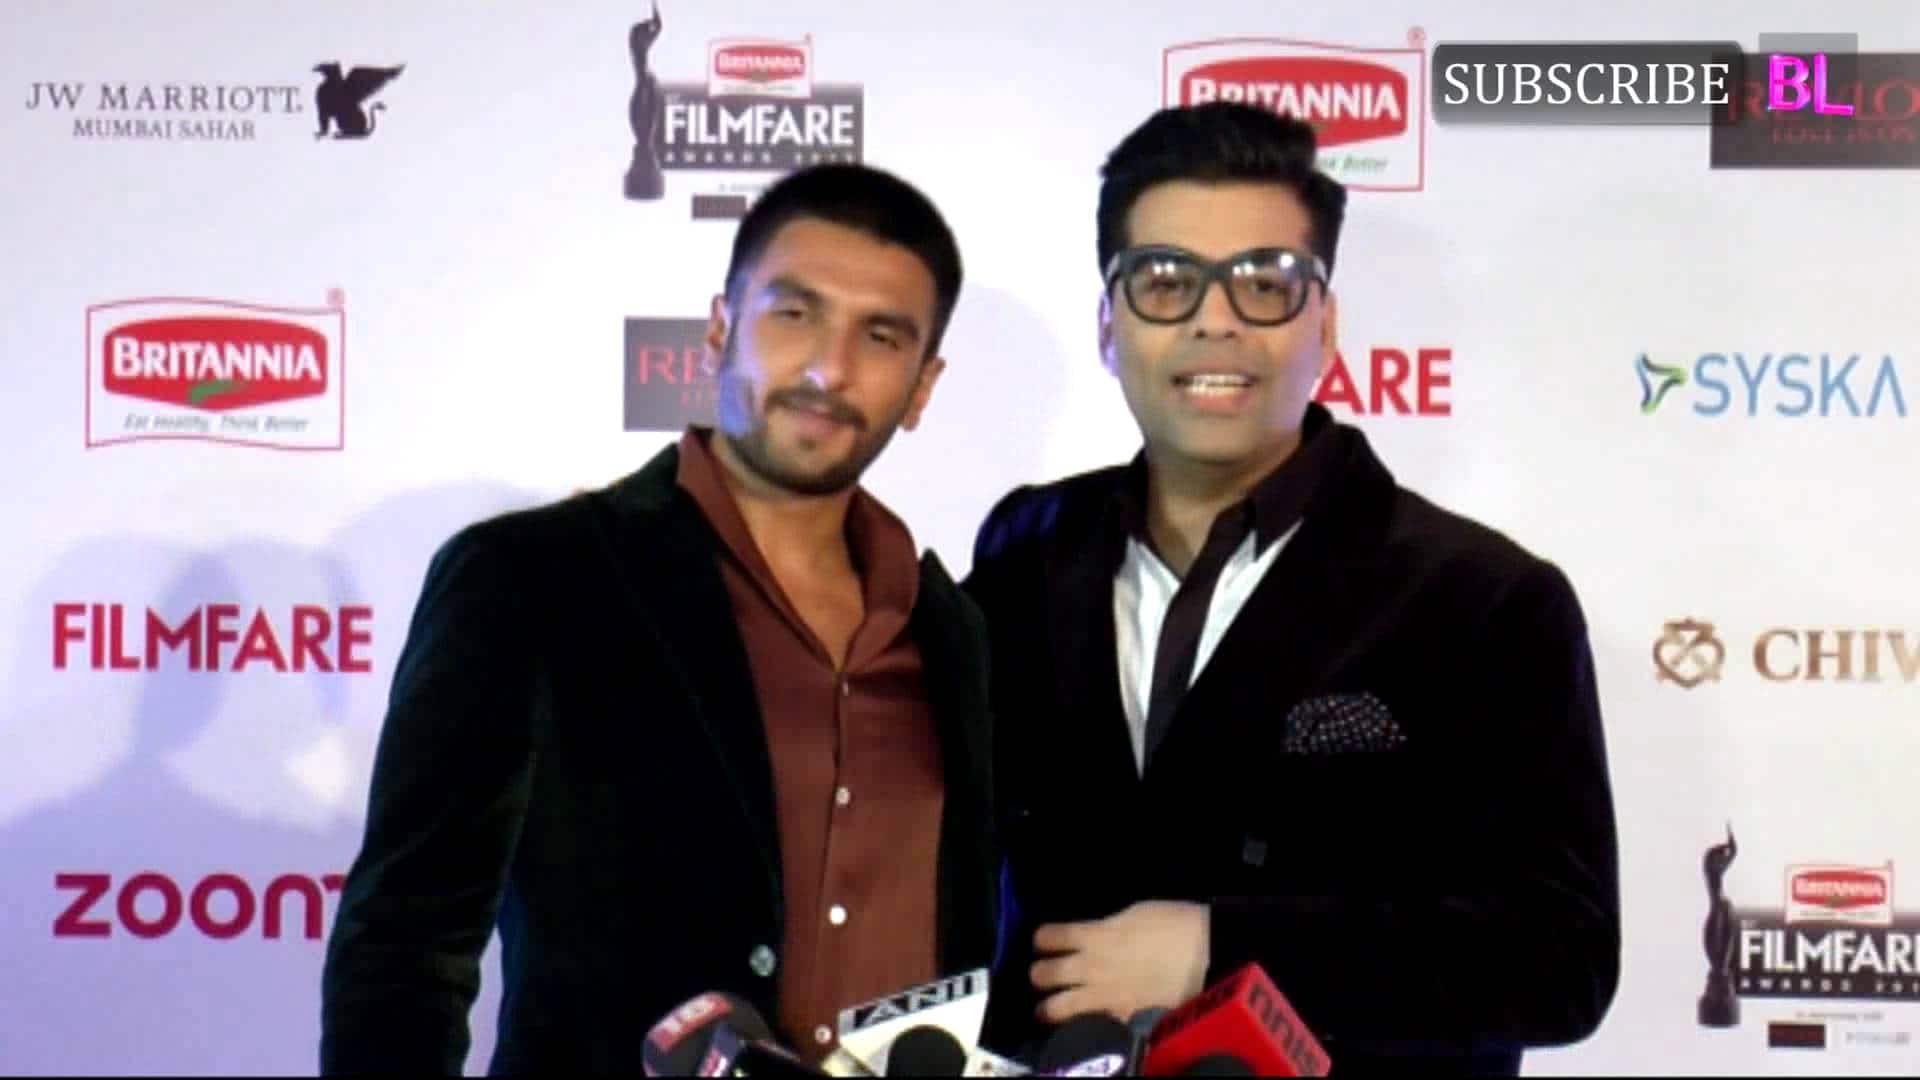 करण जौहर की अगली फिल्म में काम करेंगे रणवीर सिंह?